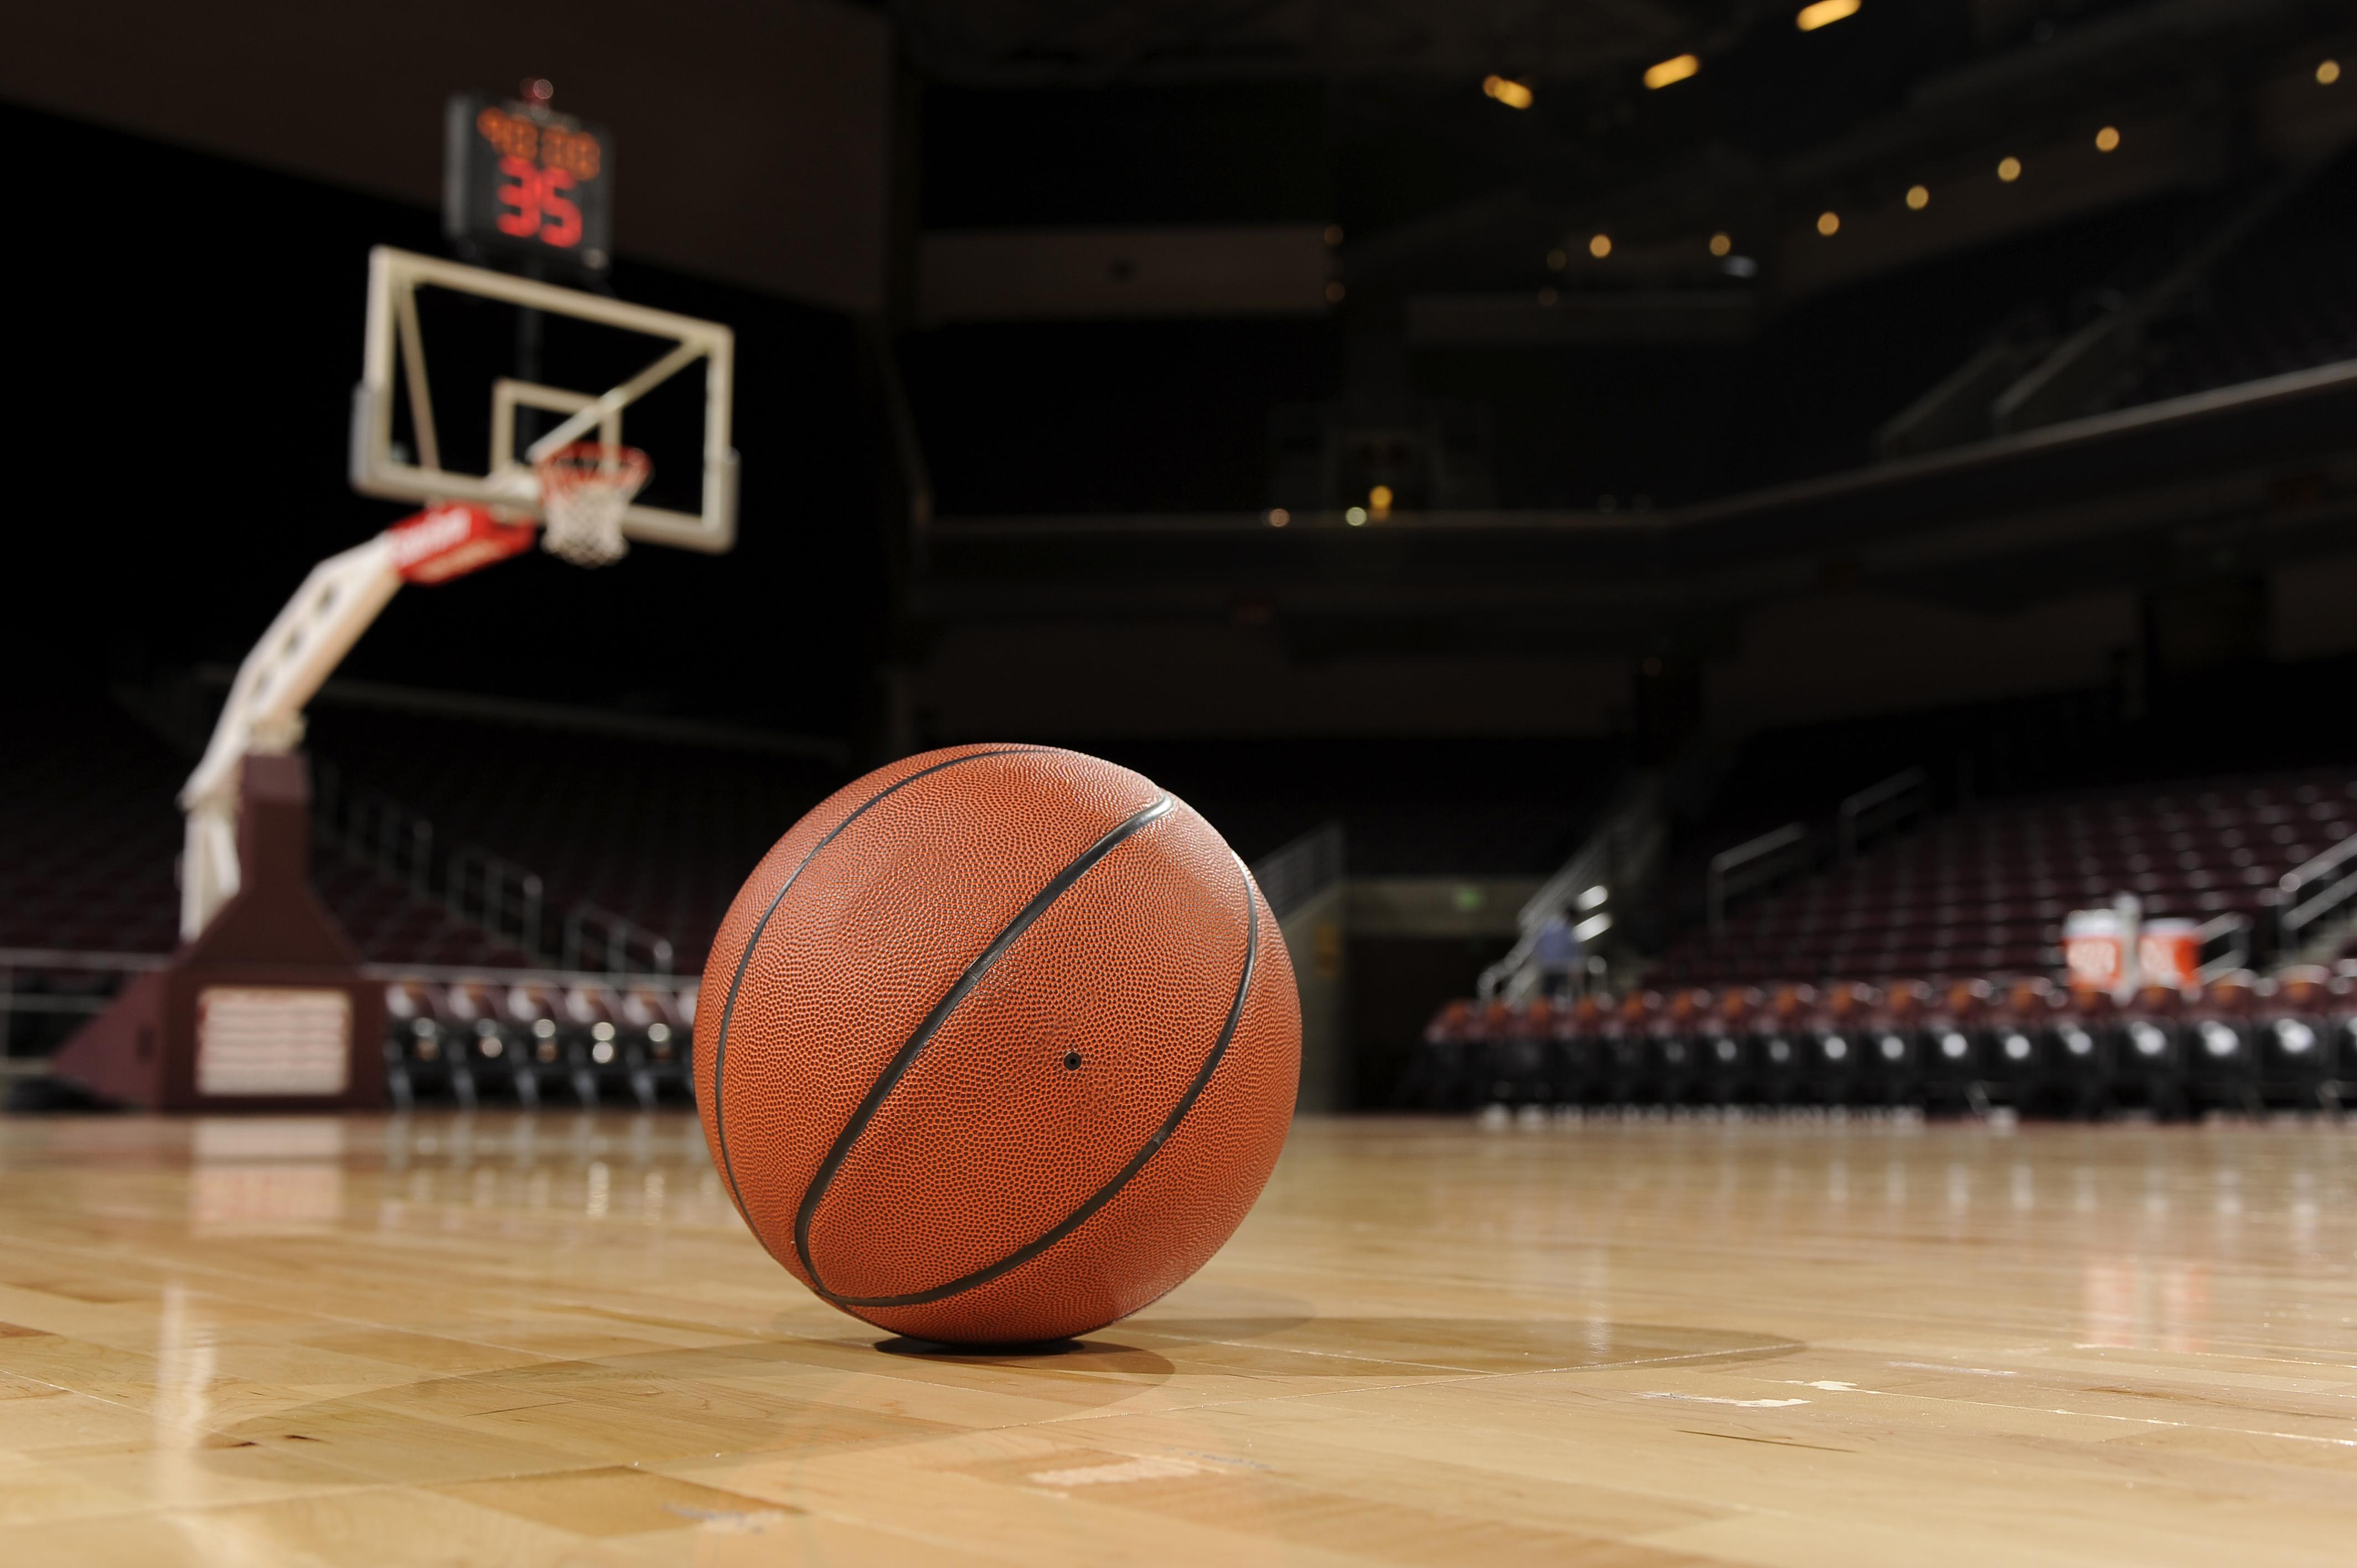 Basketballphobia